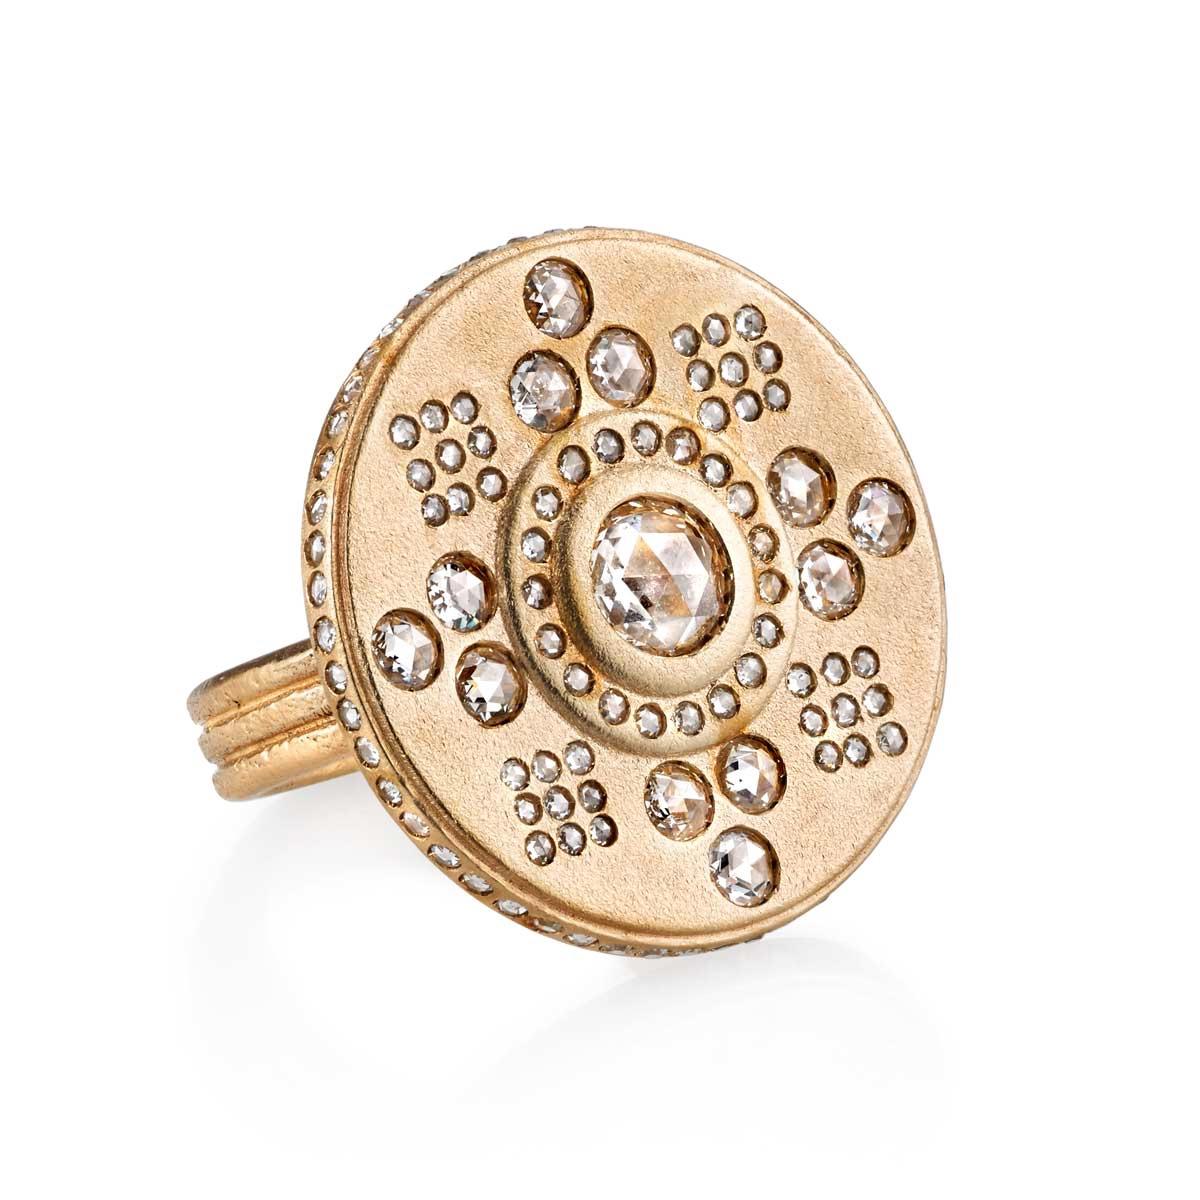 Diamond-Chandelier-Cocktail-Ring-Order-#014-C2_4-2870557.jpg